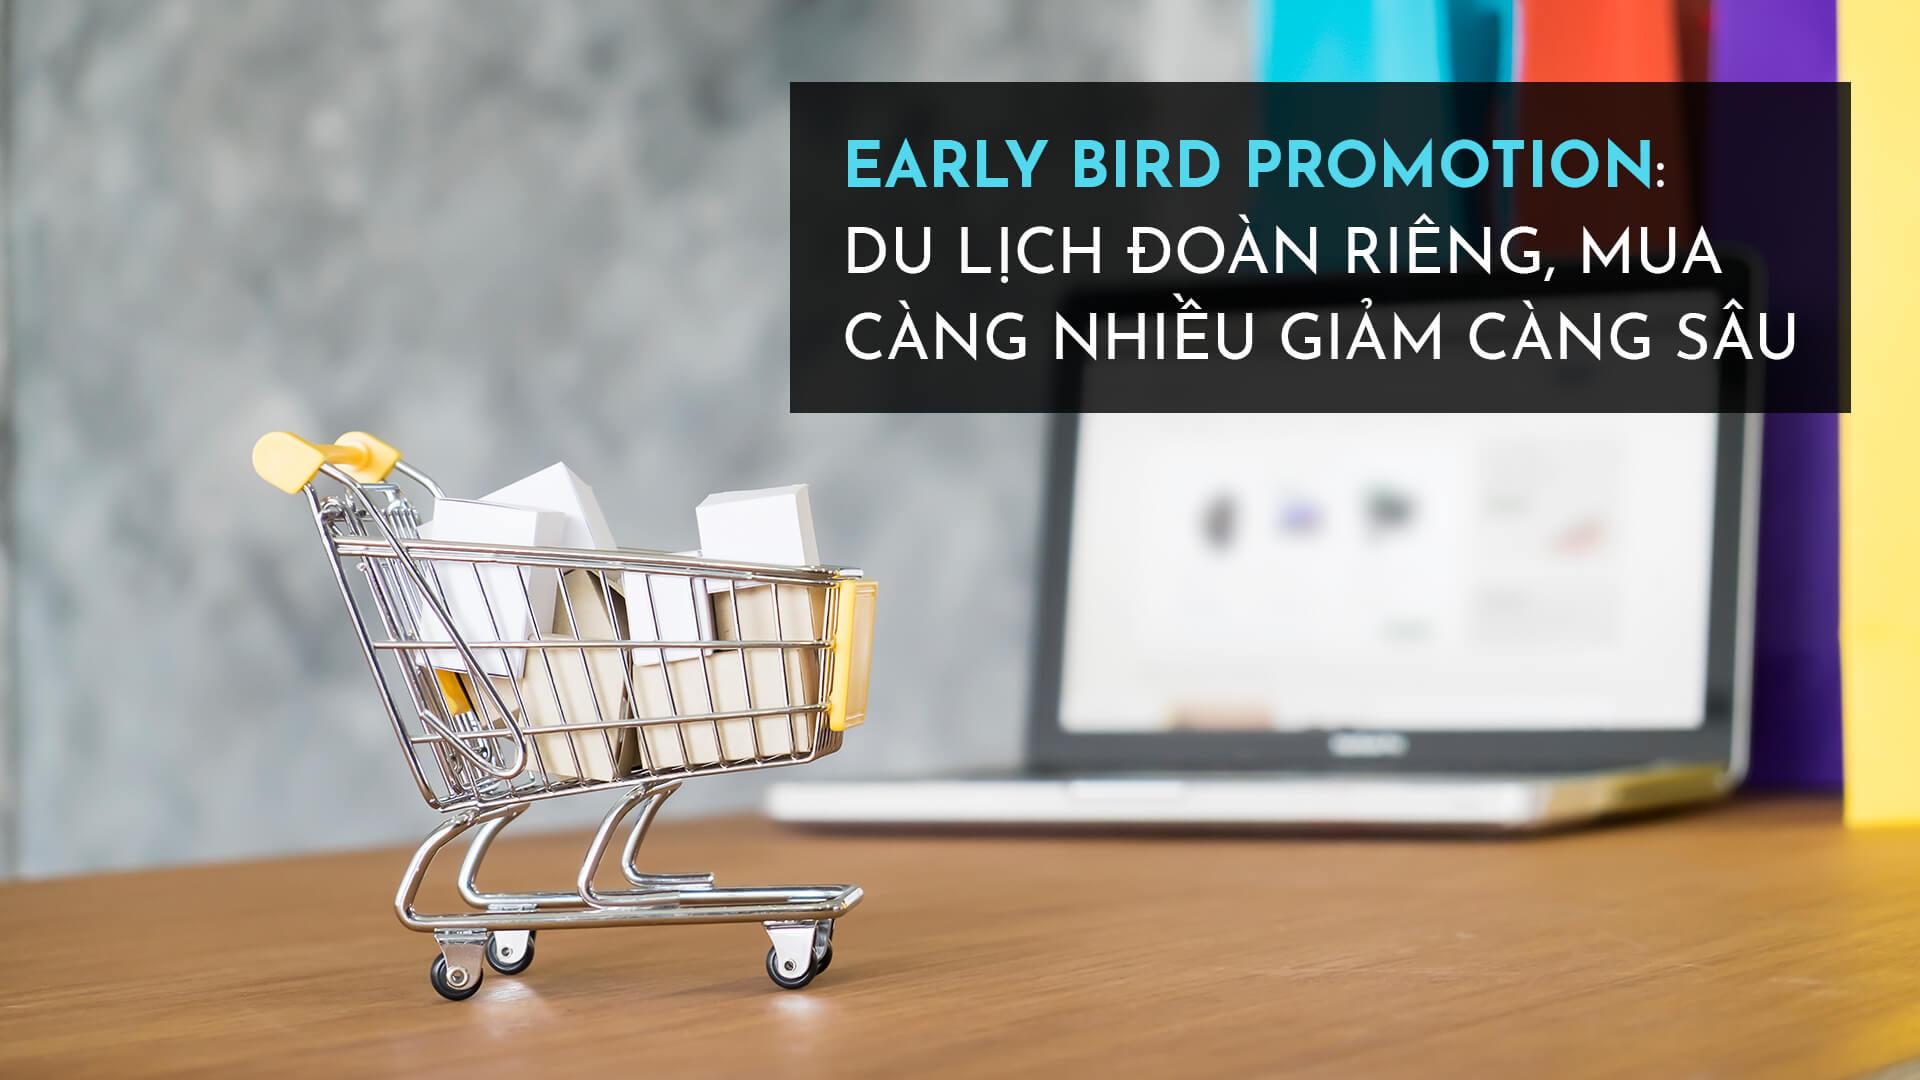 Early bird promotion: du lịch đoàn riêng, mua càng nhiều giảm càng sâu